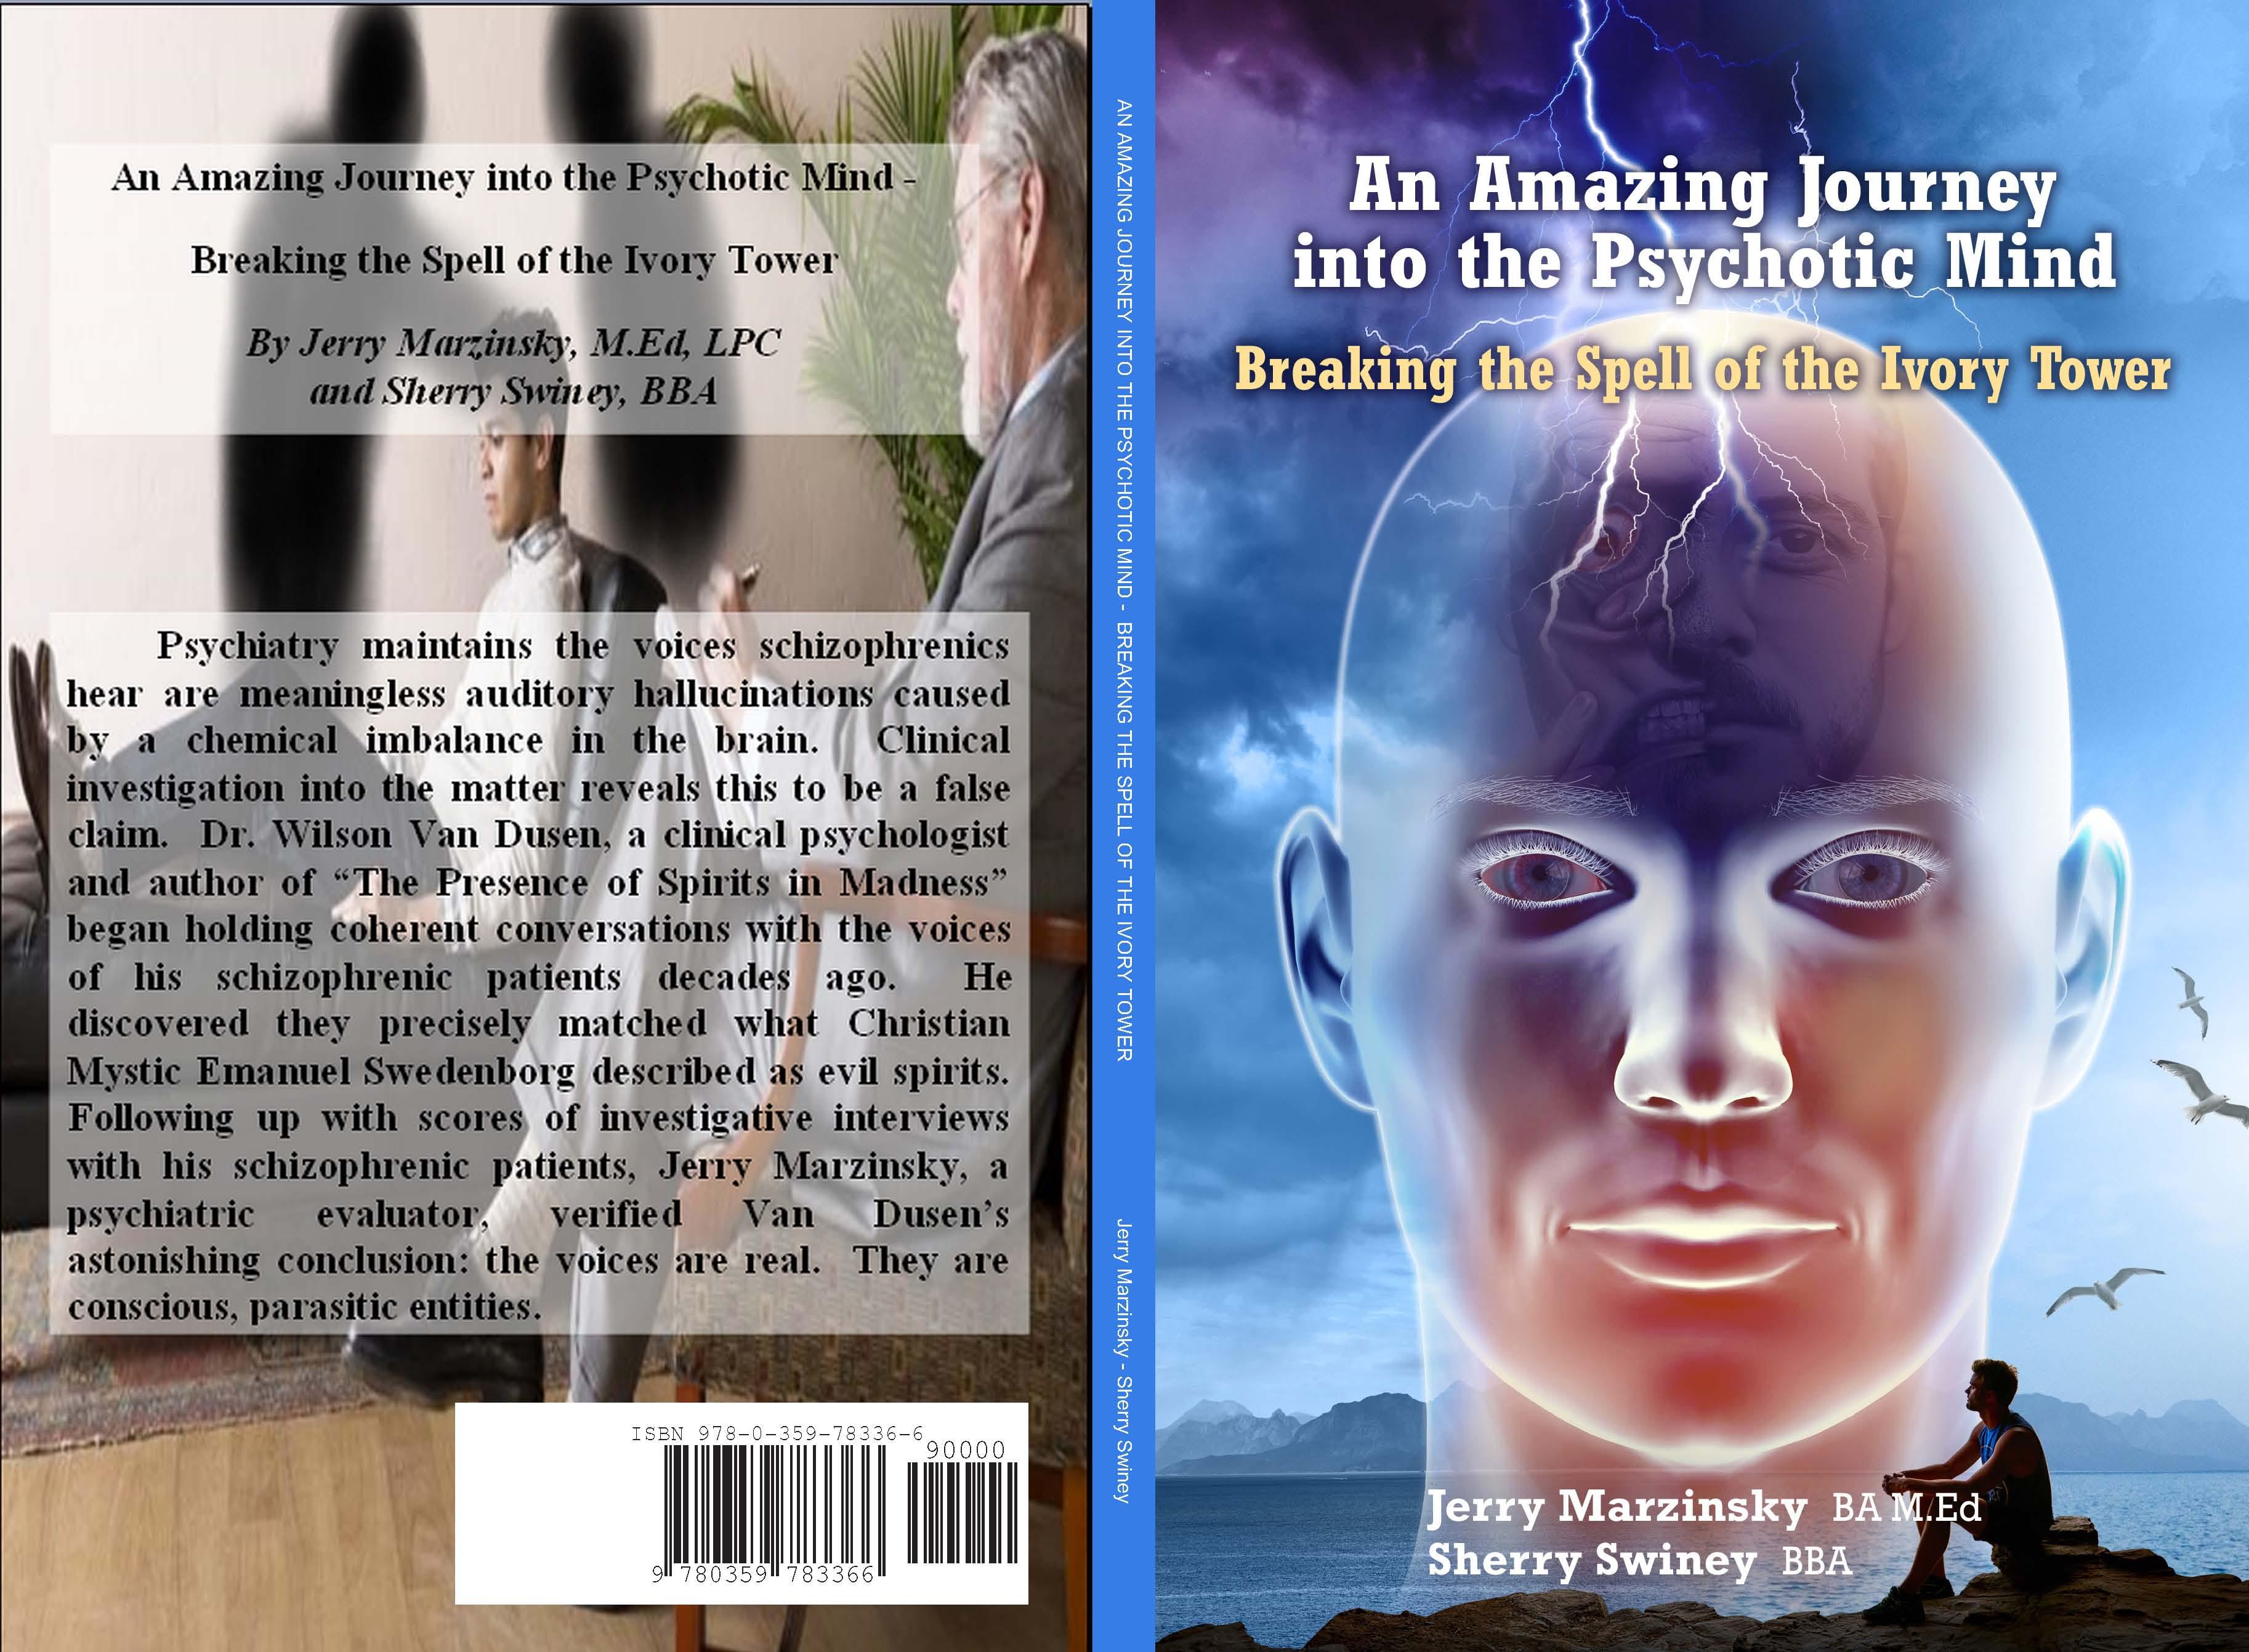 014a book cover